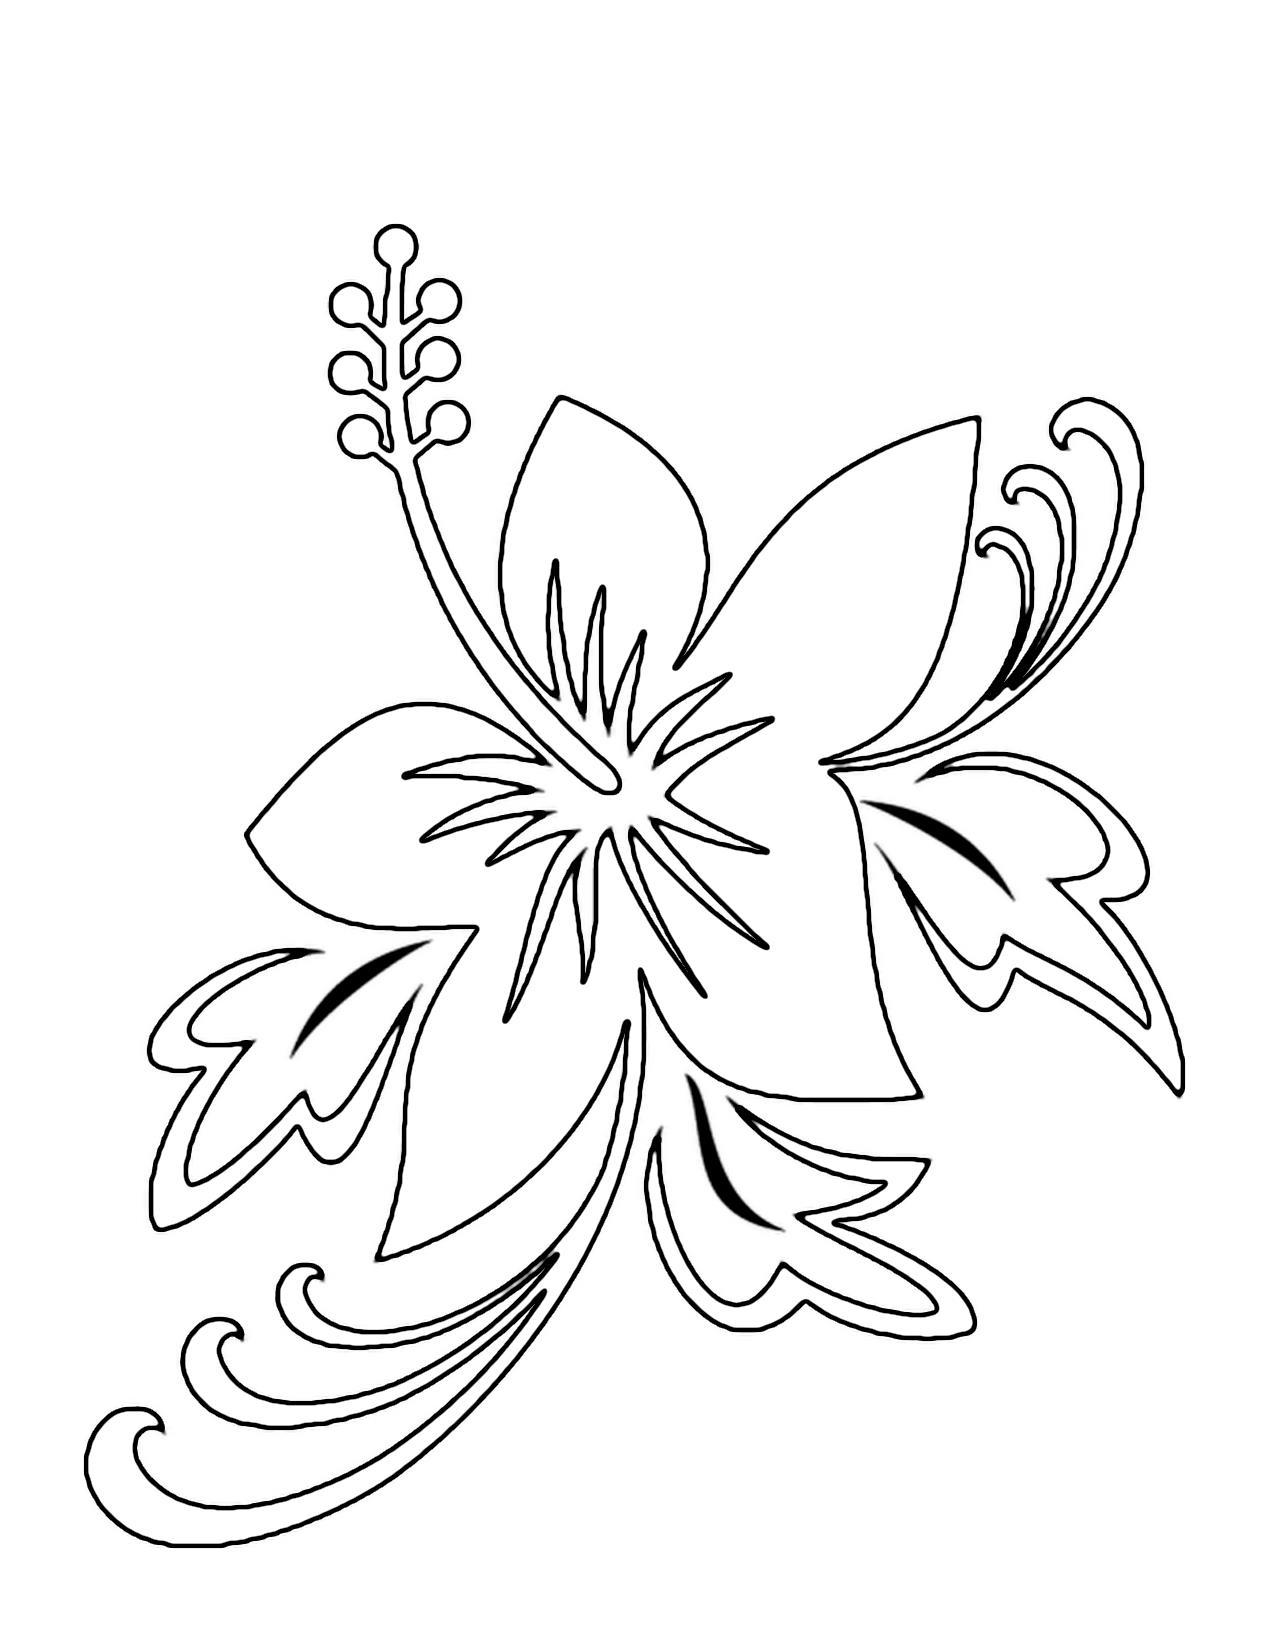 Сложные Распечатываем раскраски цветы бесплатно